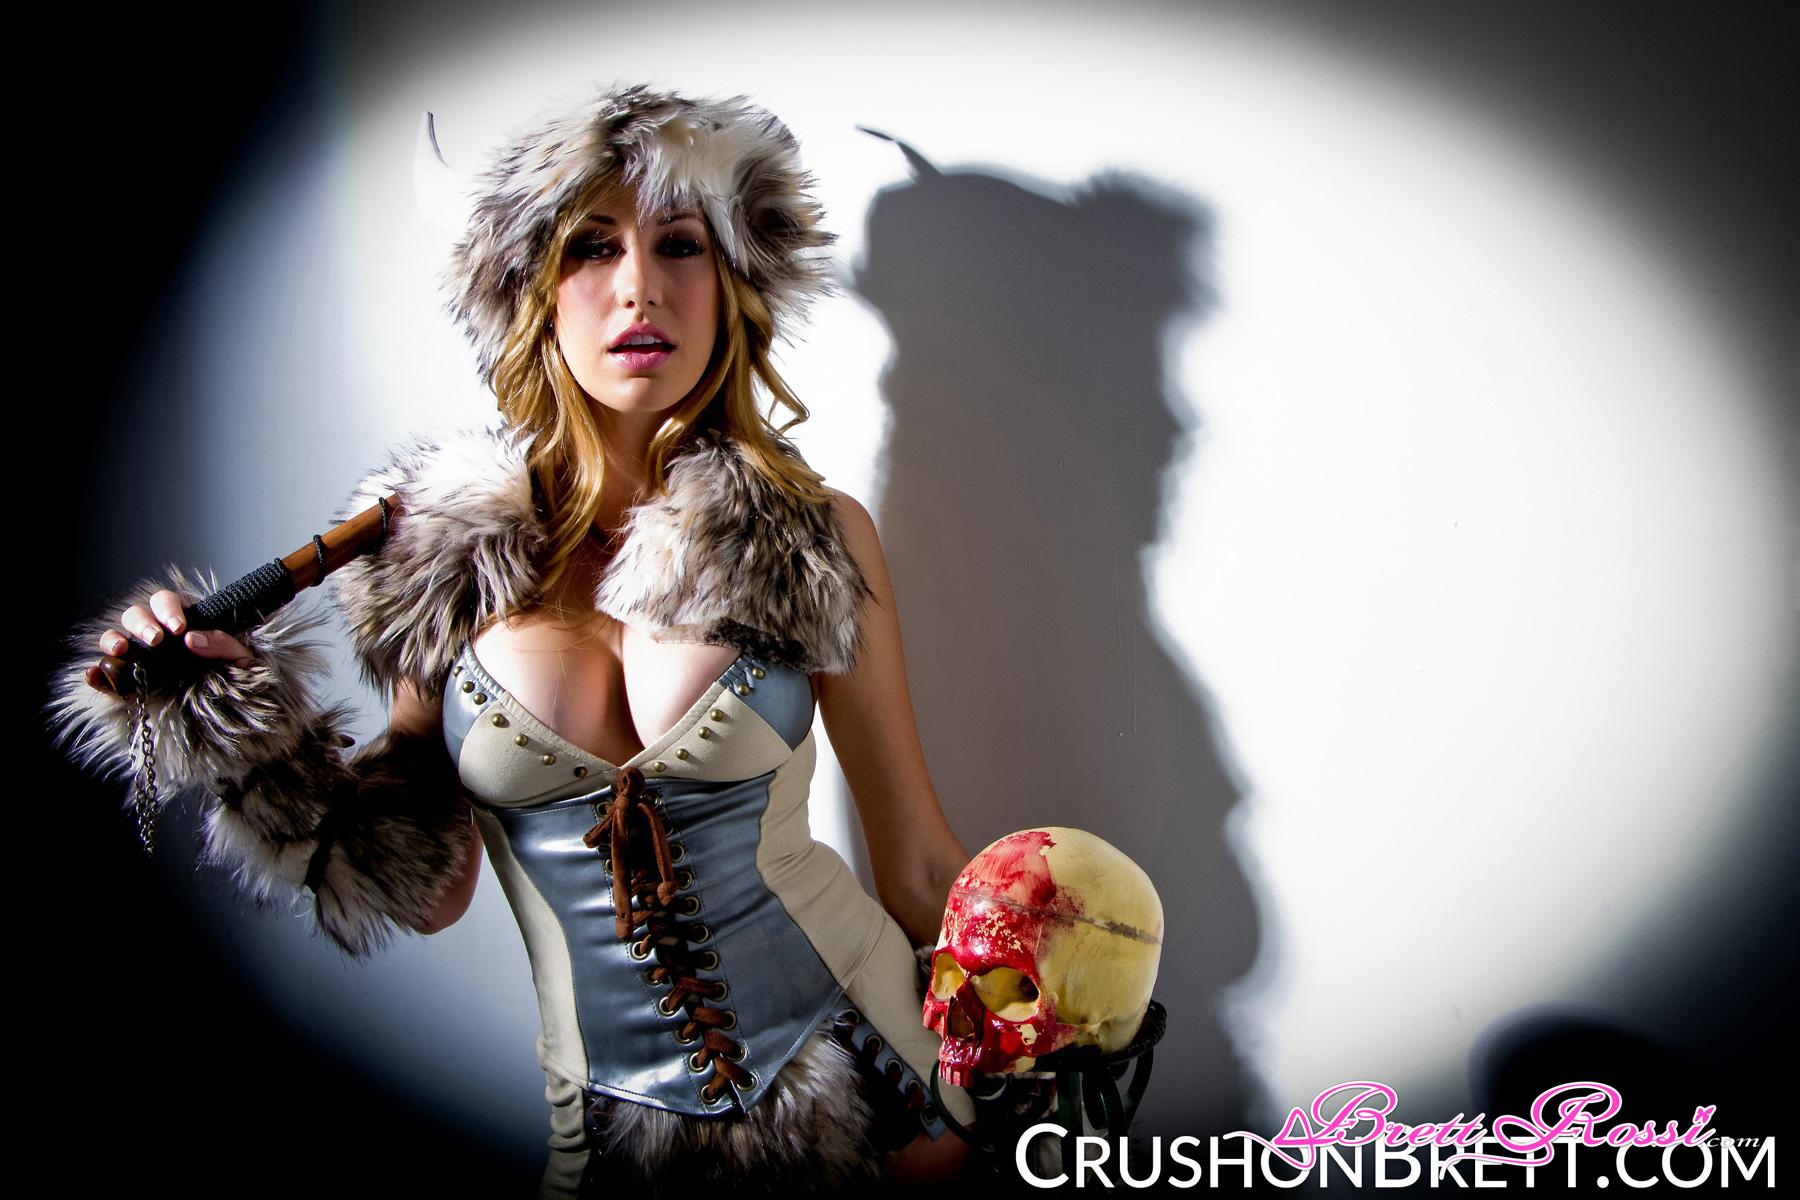 Brett Rossi Viking cosplay nude